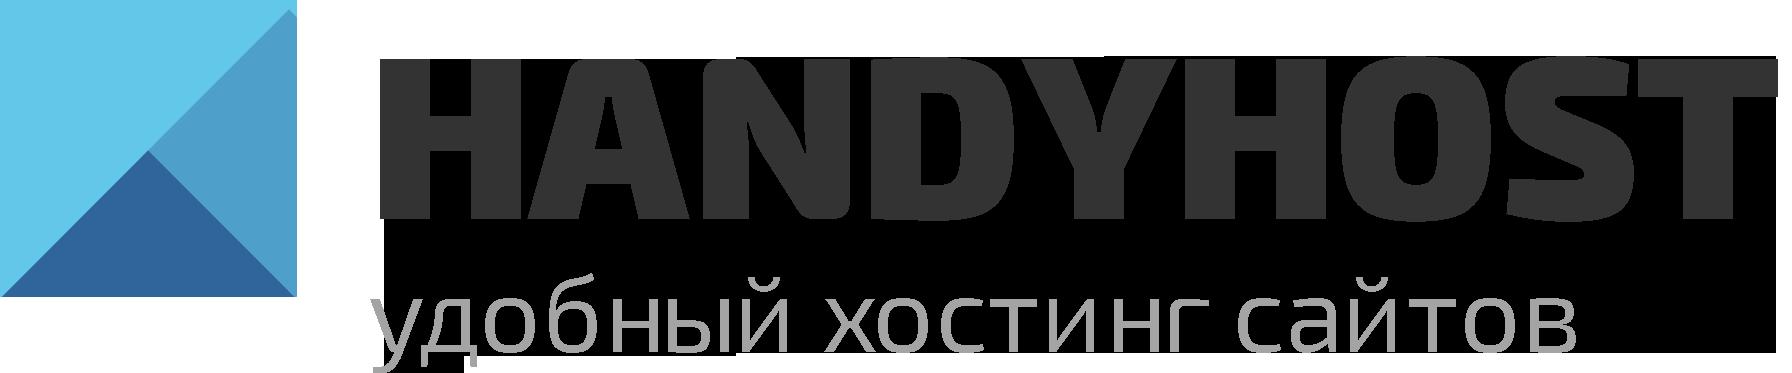 Удобный хостинг сайтов HandyHost.ru